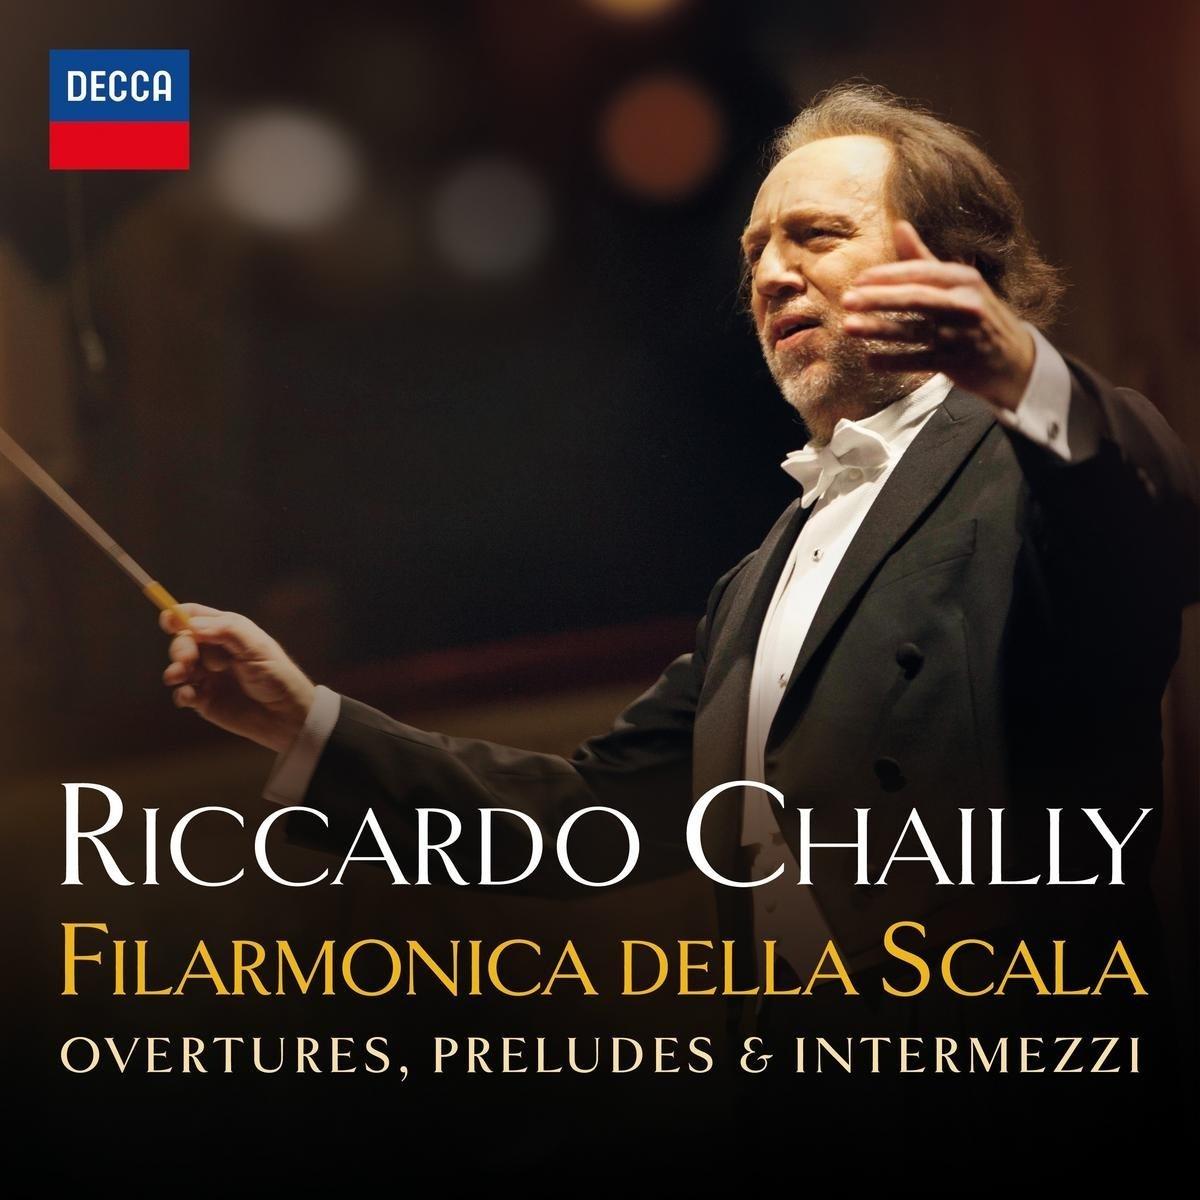 Riccardo Chailly Filarmonica della Scala